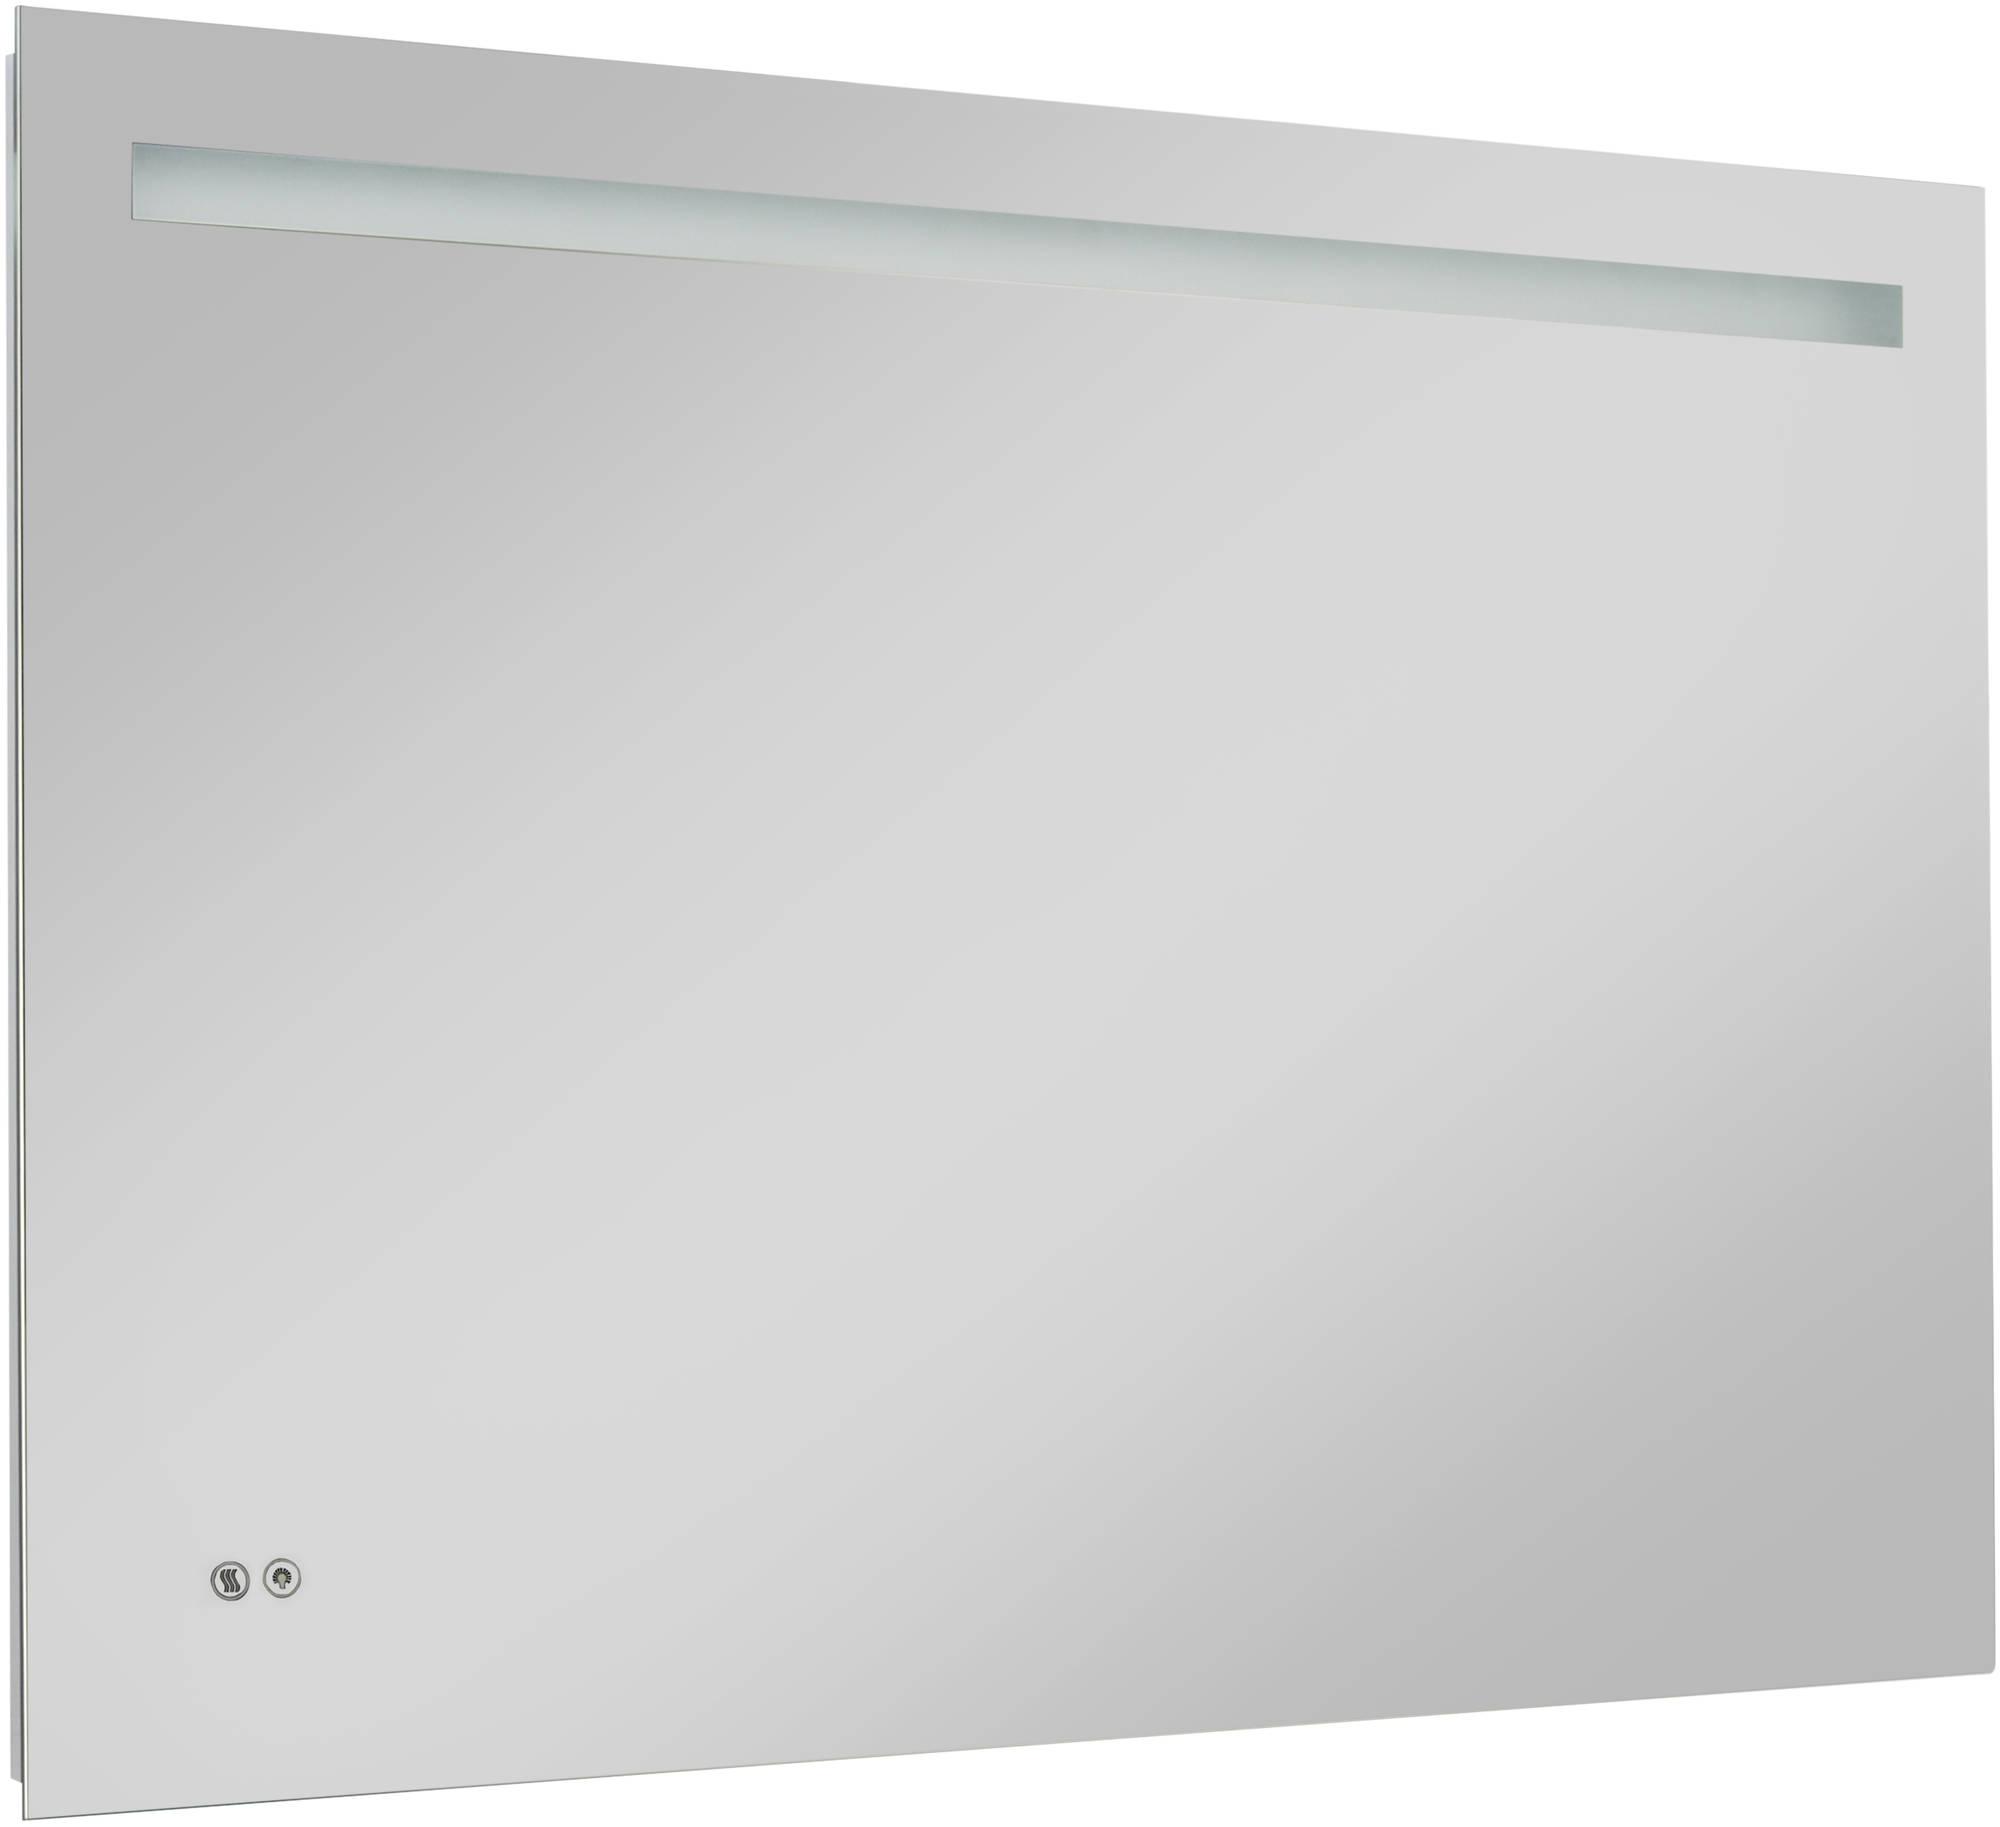 Ben Freya spiegel met verlichting en spiegelverwarming (touchbediening) 100x70 cm